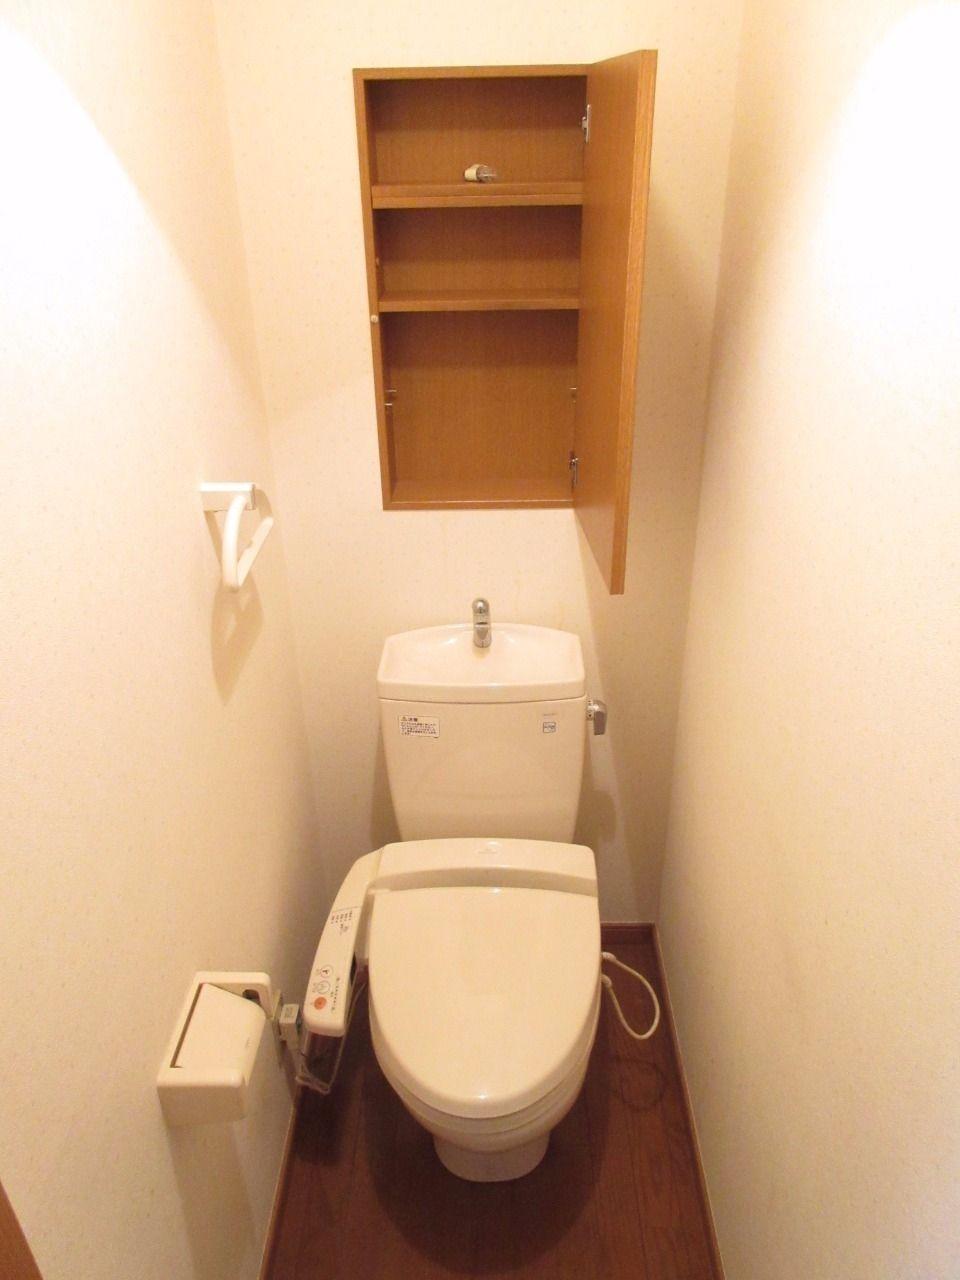 清潔な洗浄機能付温水シャワートイレ、壁には収納棚もあります